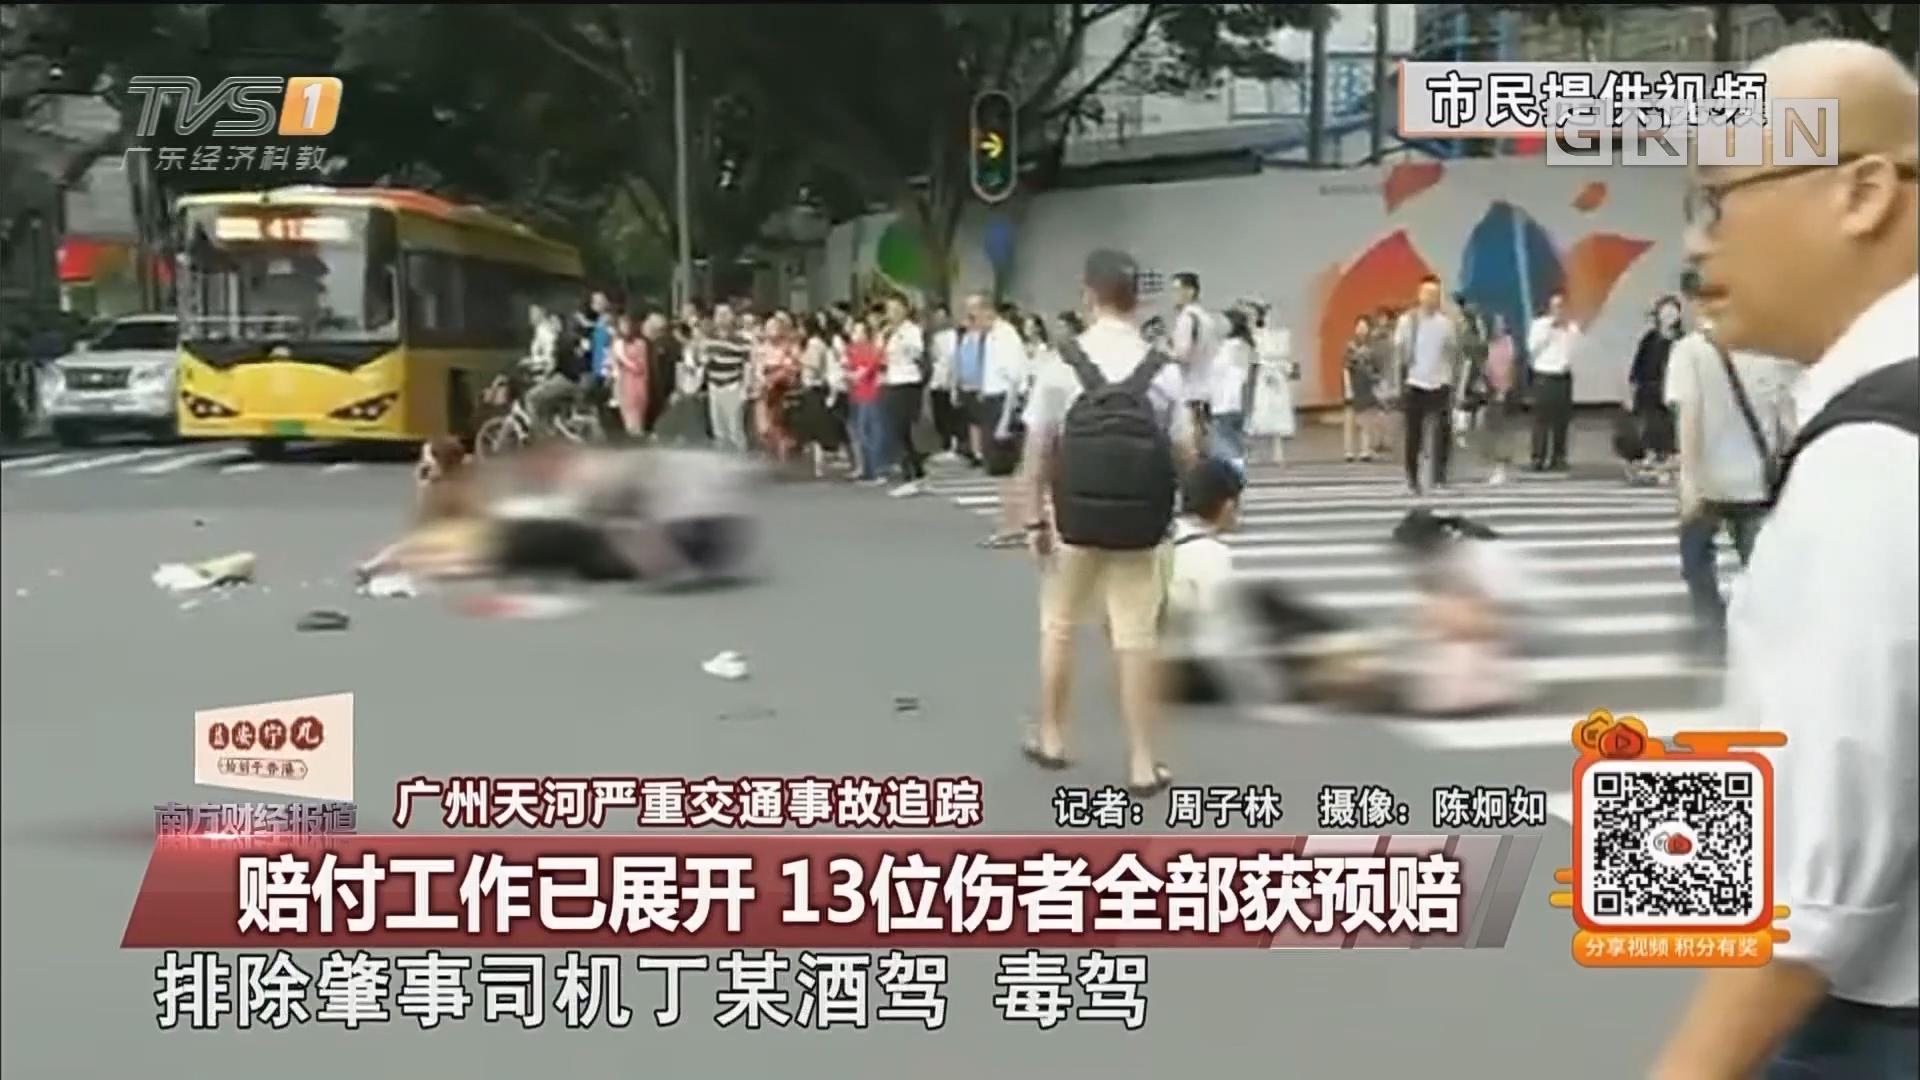 广州天河严重交通事故追踪:赔付工作已展开 13位伤者全部获预赔